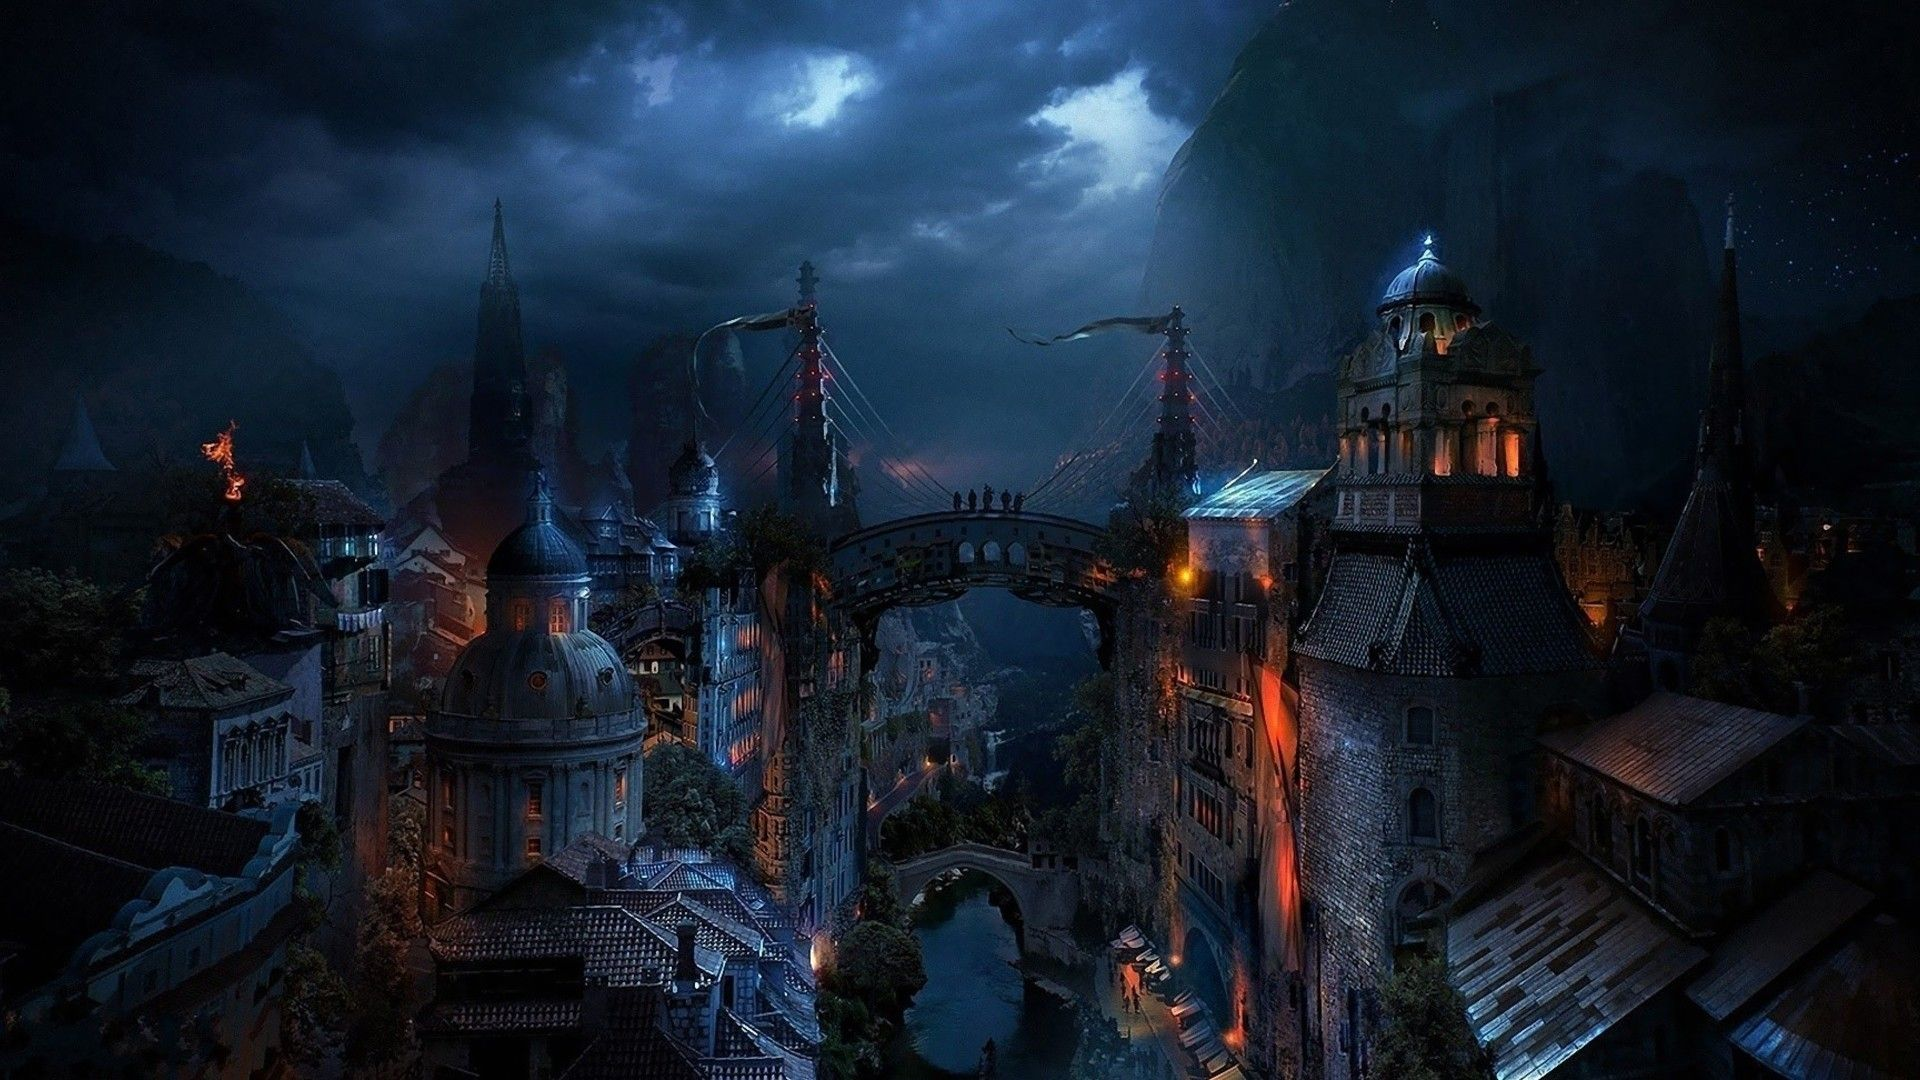 Fantasy Cities Art Hd Wallpaper - Fantasy Dark City - HD Wallpaper